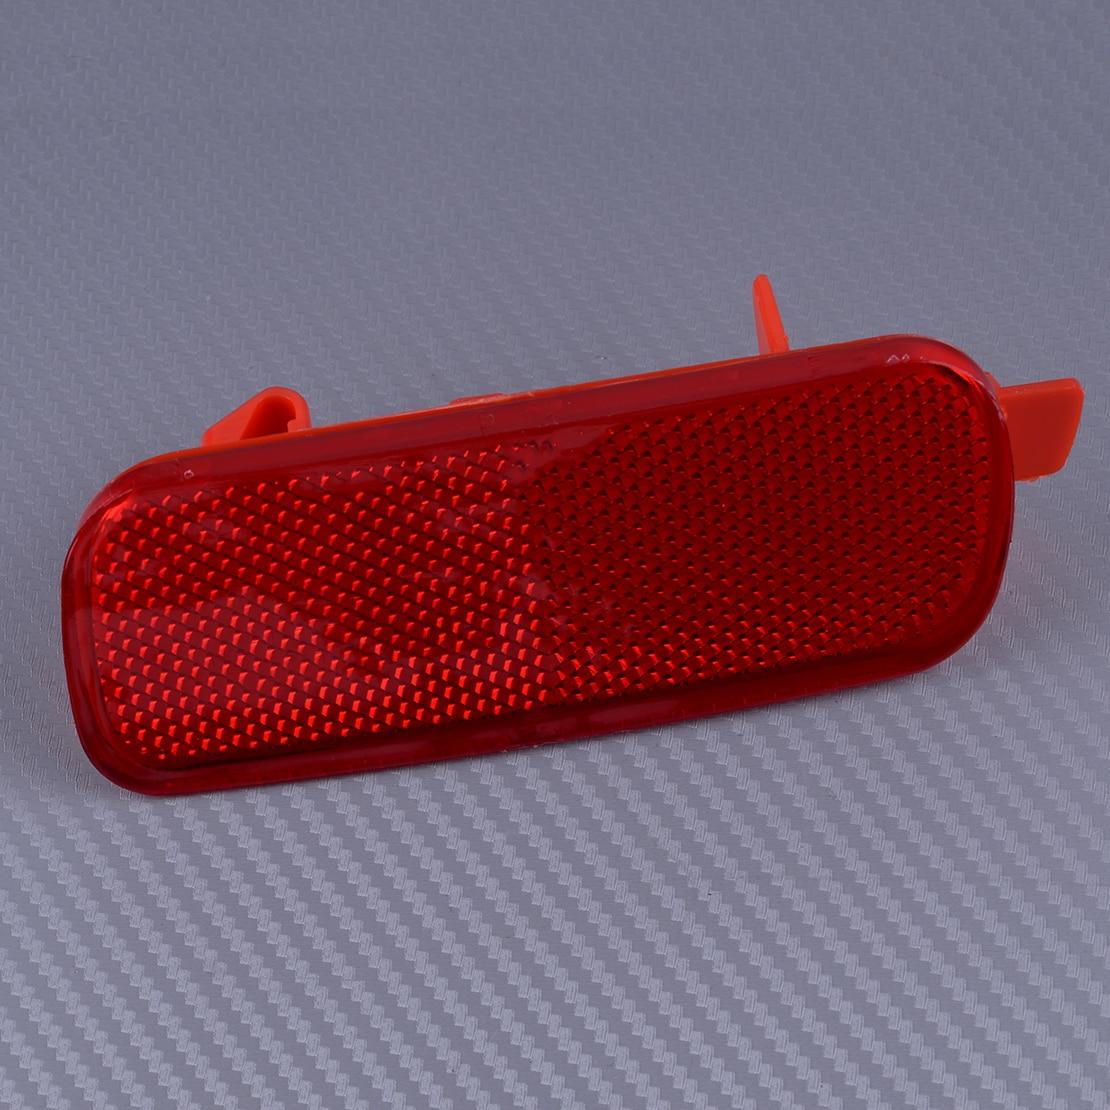 חלקי חילוף bauknecht DWCX האדום 33,505-S9A-003 רכב ימני אחורי Bumper מחזיר אור מנורה פלסטיק Fit עבור הונדה CRV CRV 2002 2003 2004 (1)